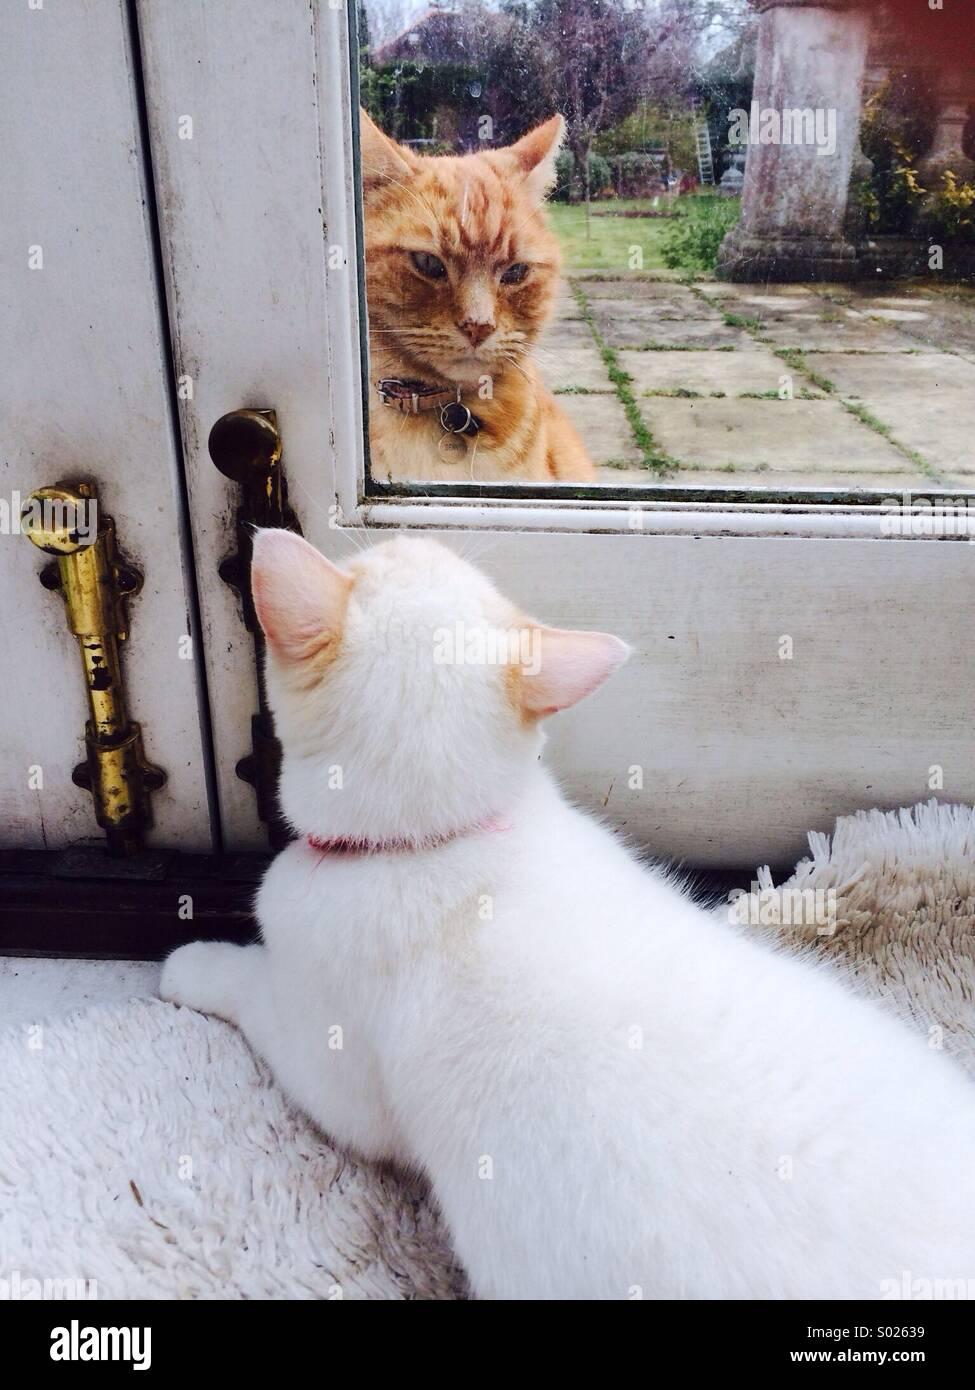 Besucher an der Tür innen außen Katze und Katze Stockbild